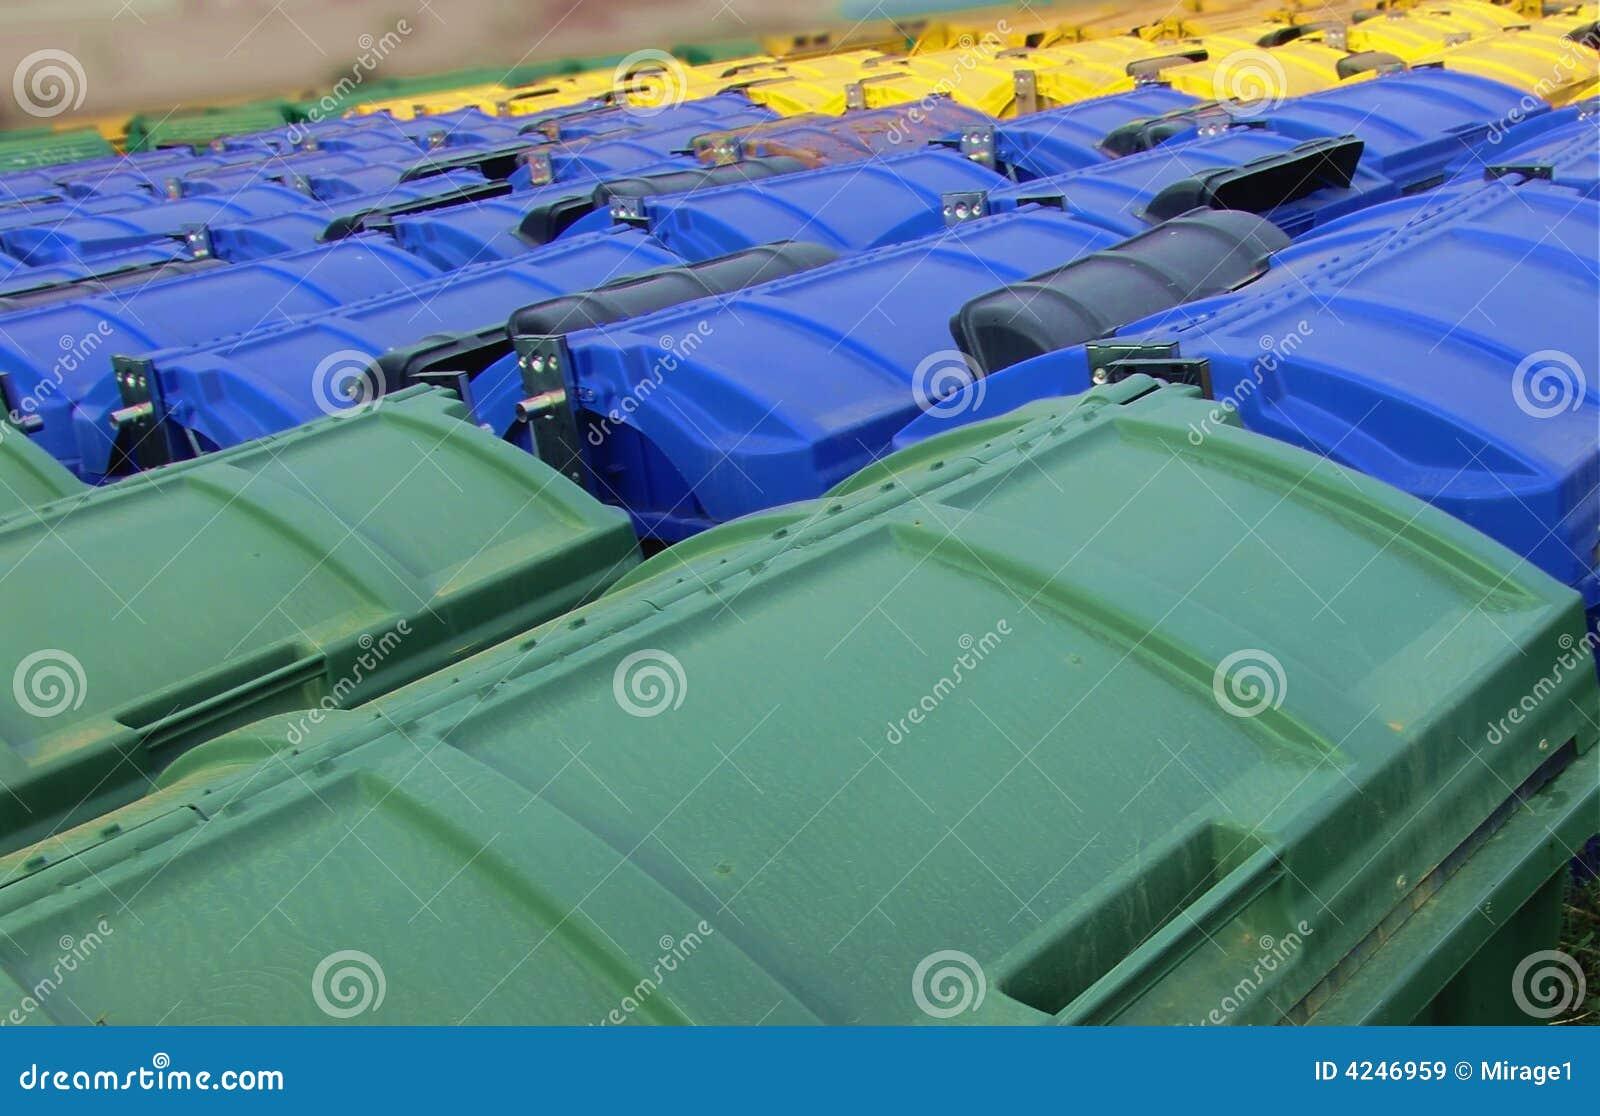 Bereiten Sie Stauräume, Grün, Blau und Gelb auf